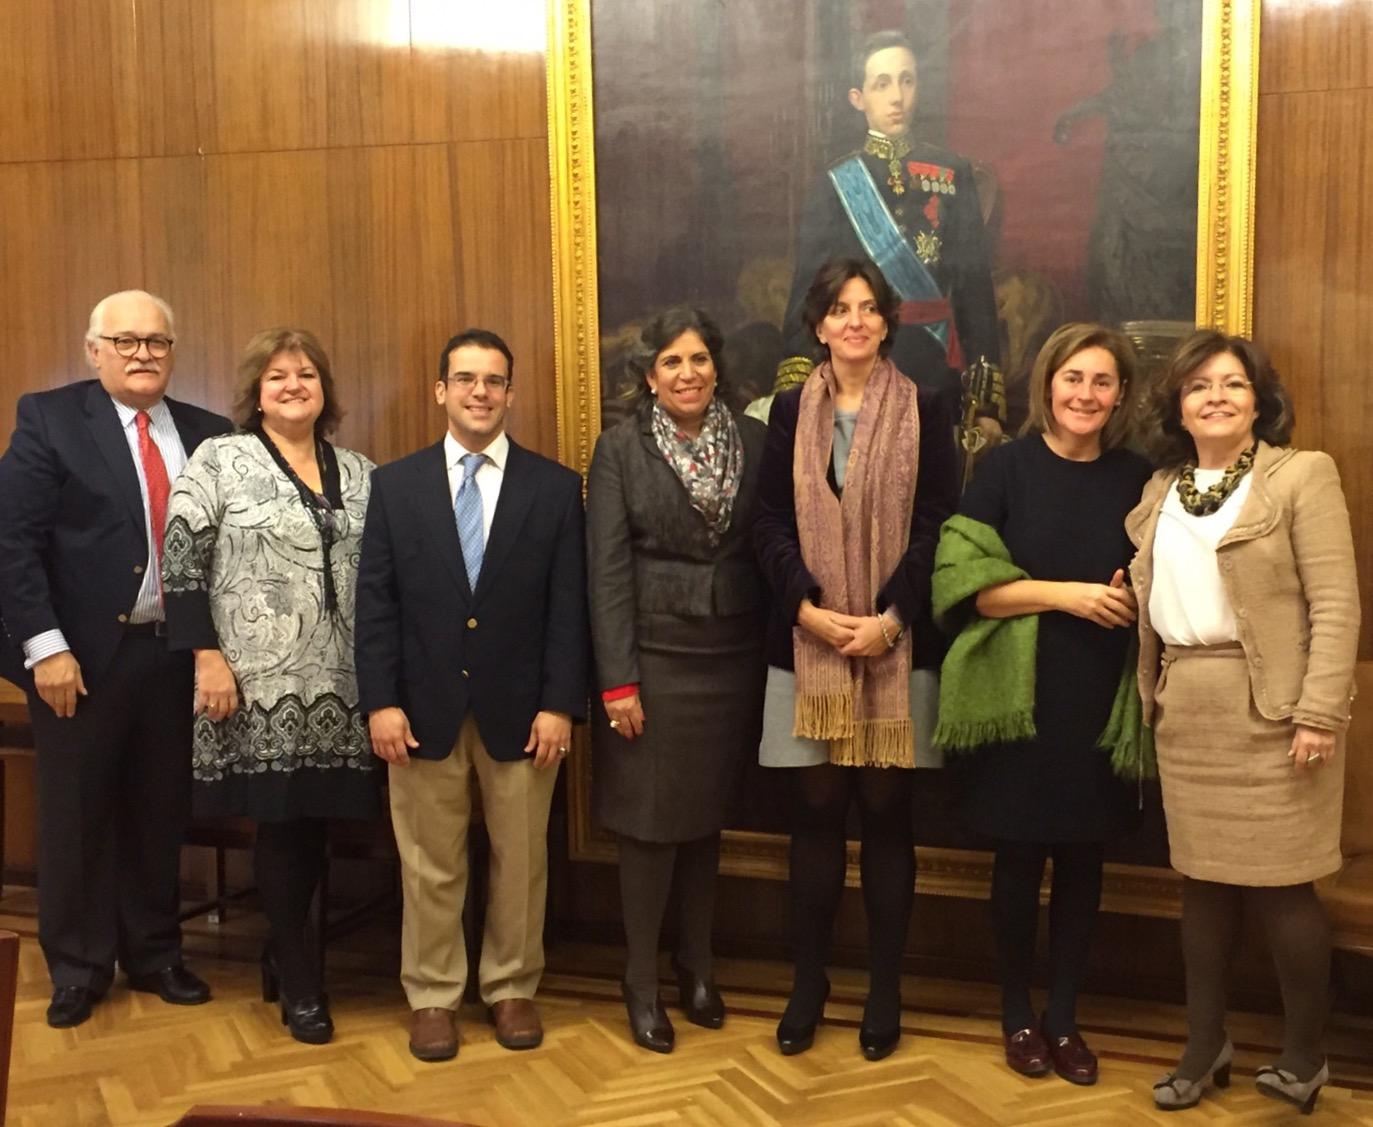 Jueza del Apelativo María Del Carmen Gómez Córdova obtiene doctorado en derecho por la Universidad Complutense de Madrid